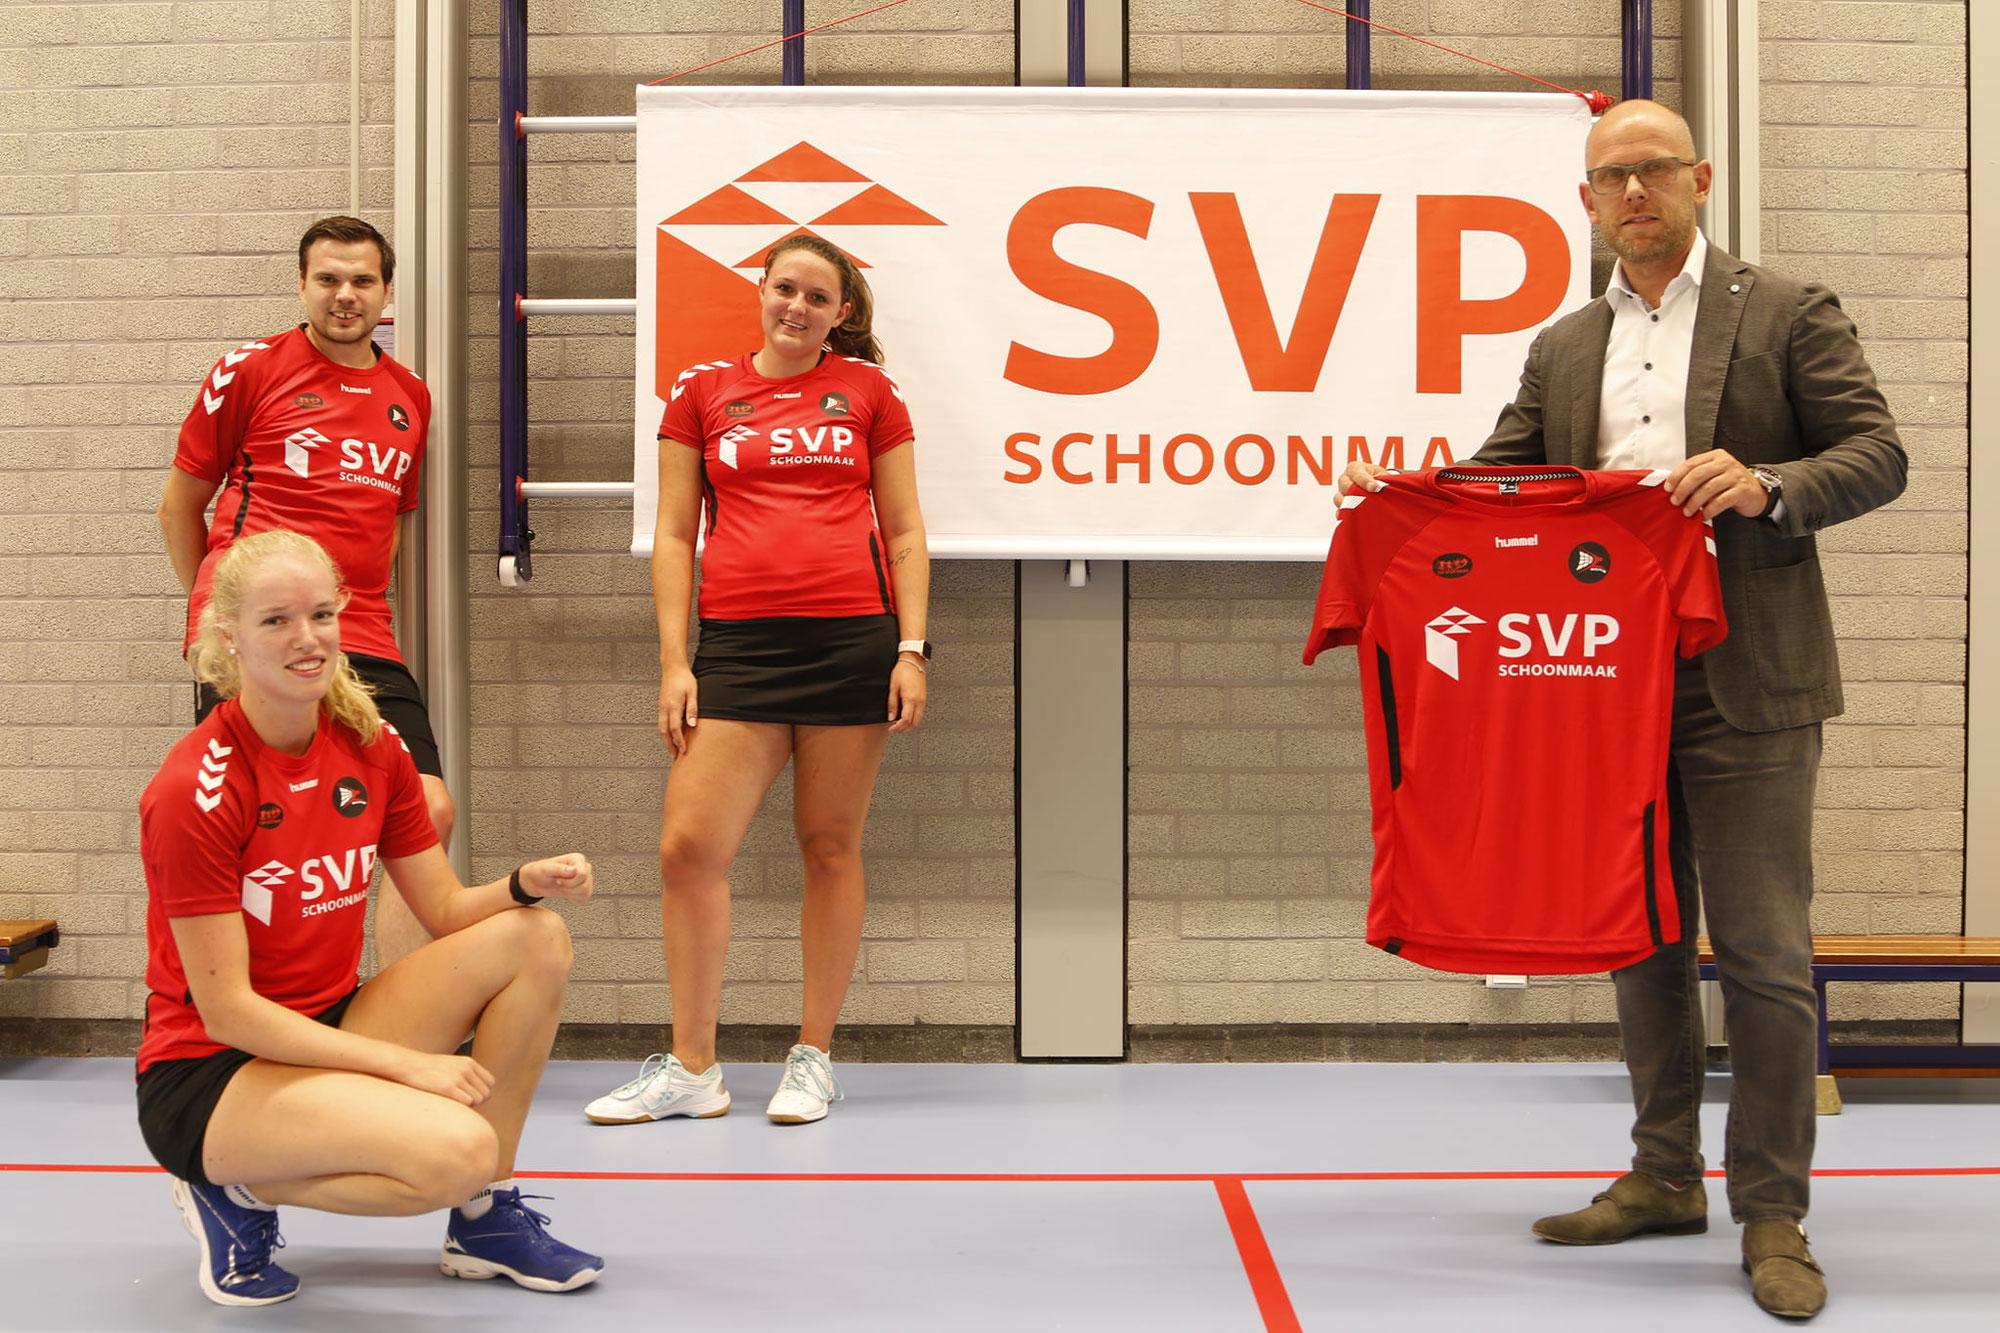 SVP Schoonmaak overhandigt nieuwe wedstrijdshirts BCRS 1.